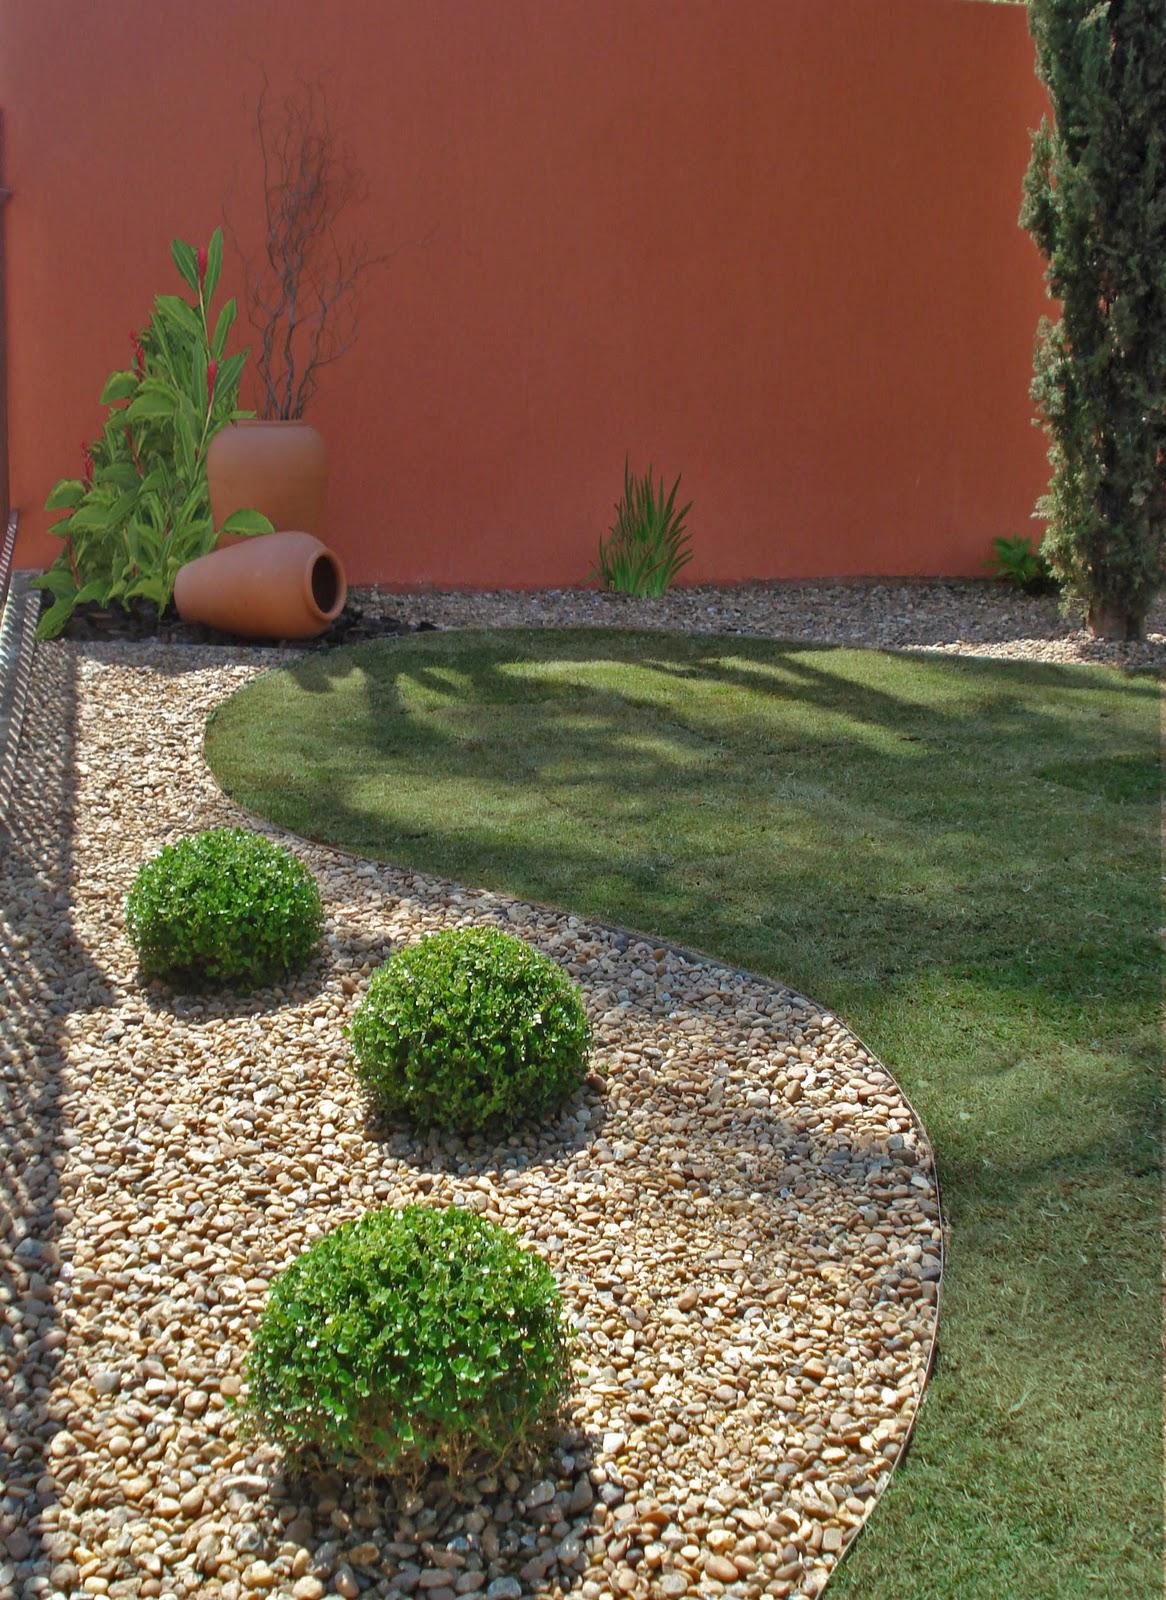 como fazer um jardim dicas para montar um jardim simples jardim